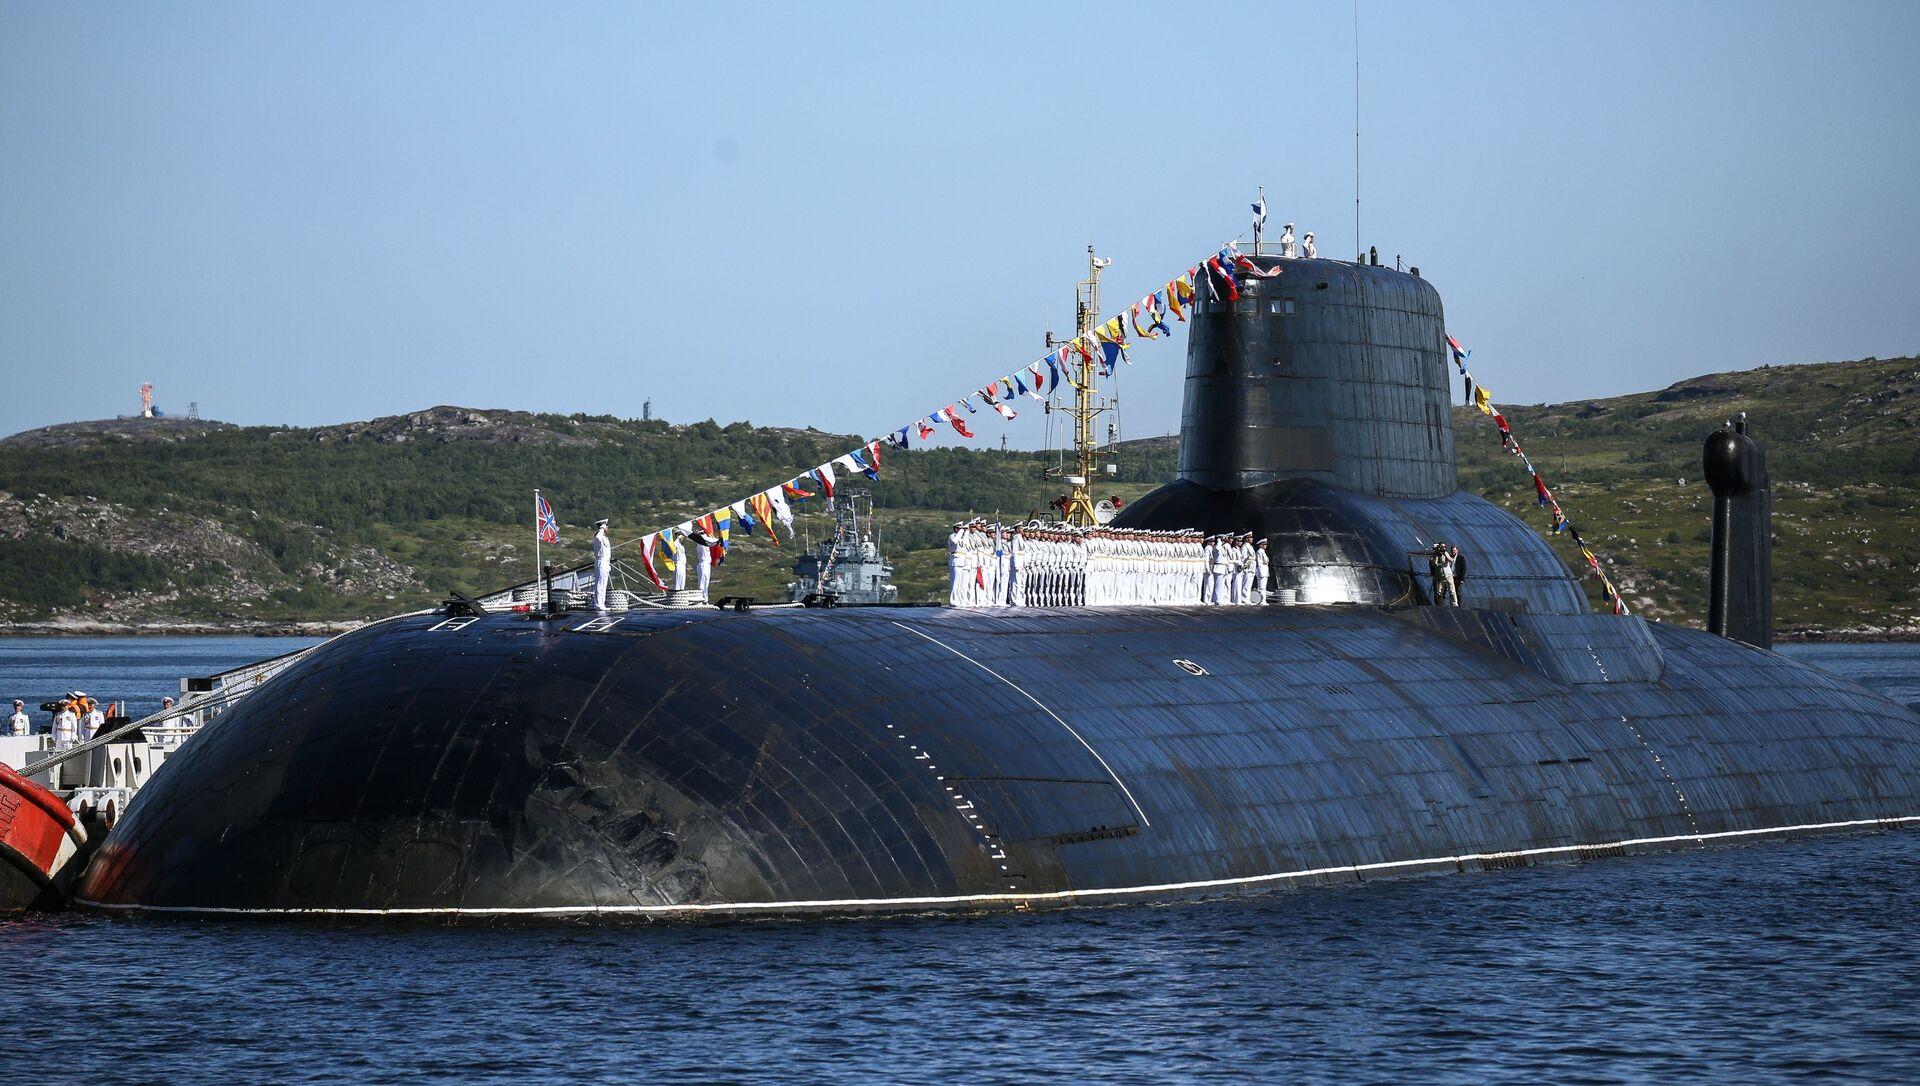 """Atomowy okręt podwodny projektu 941 """"Dmitrij Donskoj. - Sputnik Polska, 1920, 01.05.2021"""